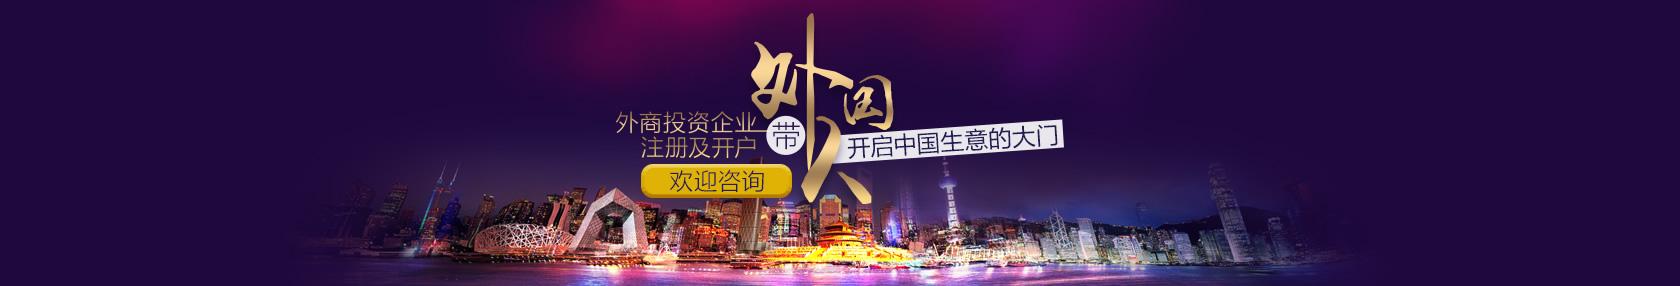 外商投资公司企业注册及银行开户,带外国人开启中国生意的大门